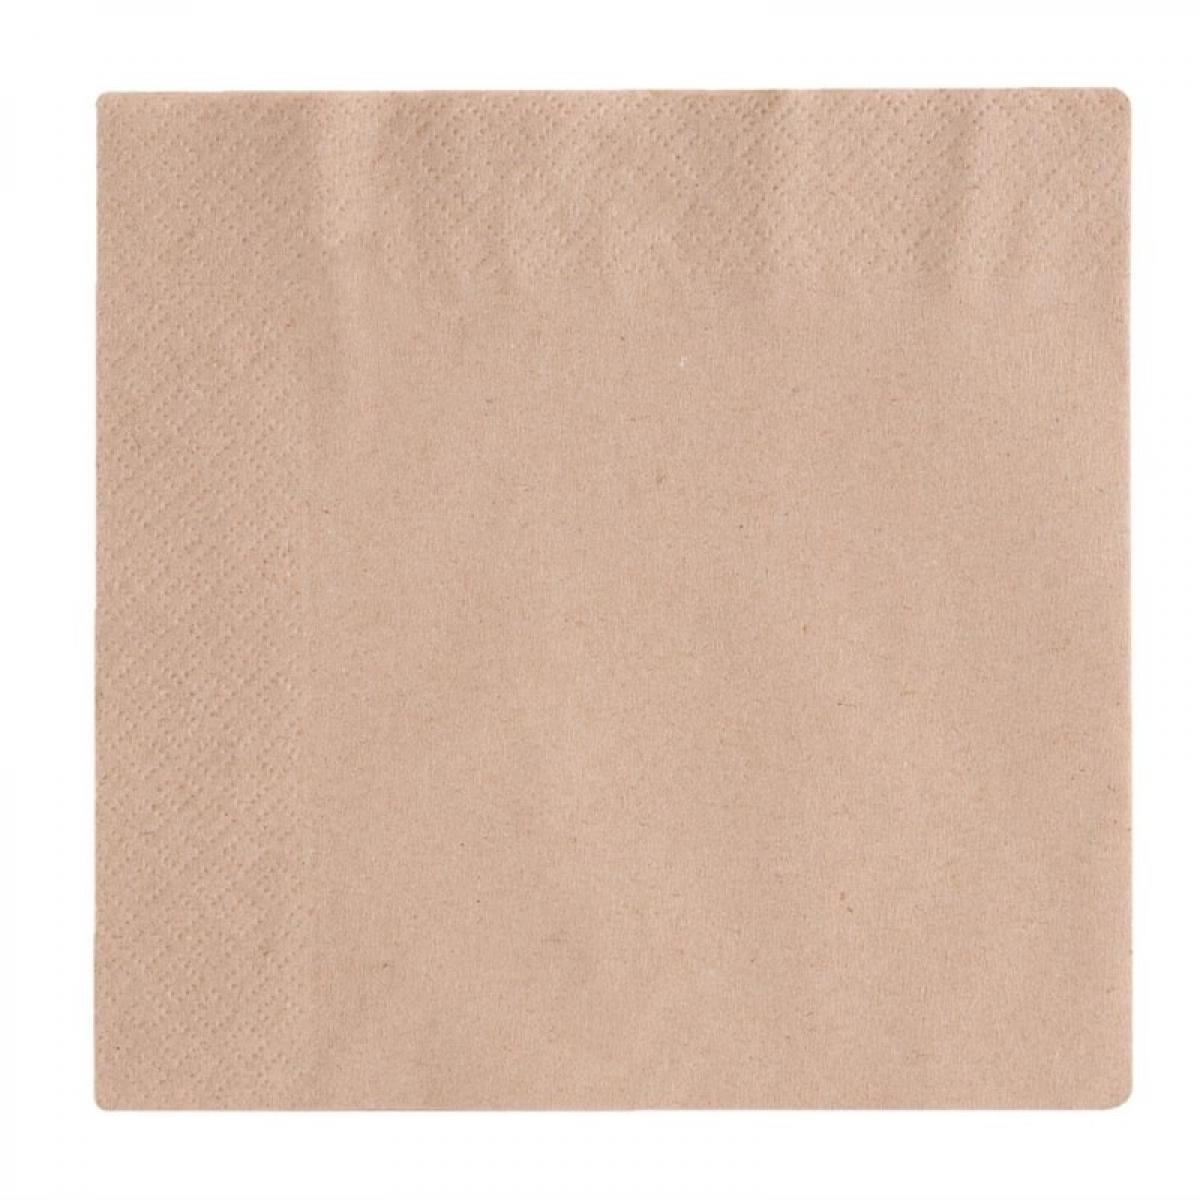 Materiel Chr Pro Serviettes de Table en Papier Snacking Compostables 2 plis 33 cm - Lot de 2000 - Vegware -